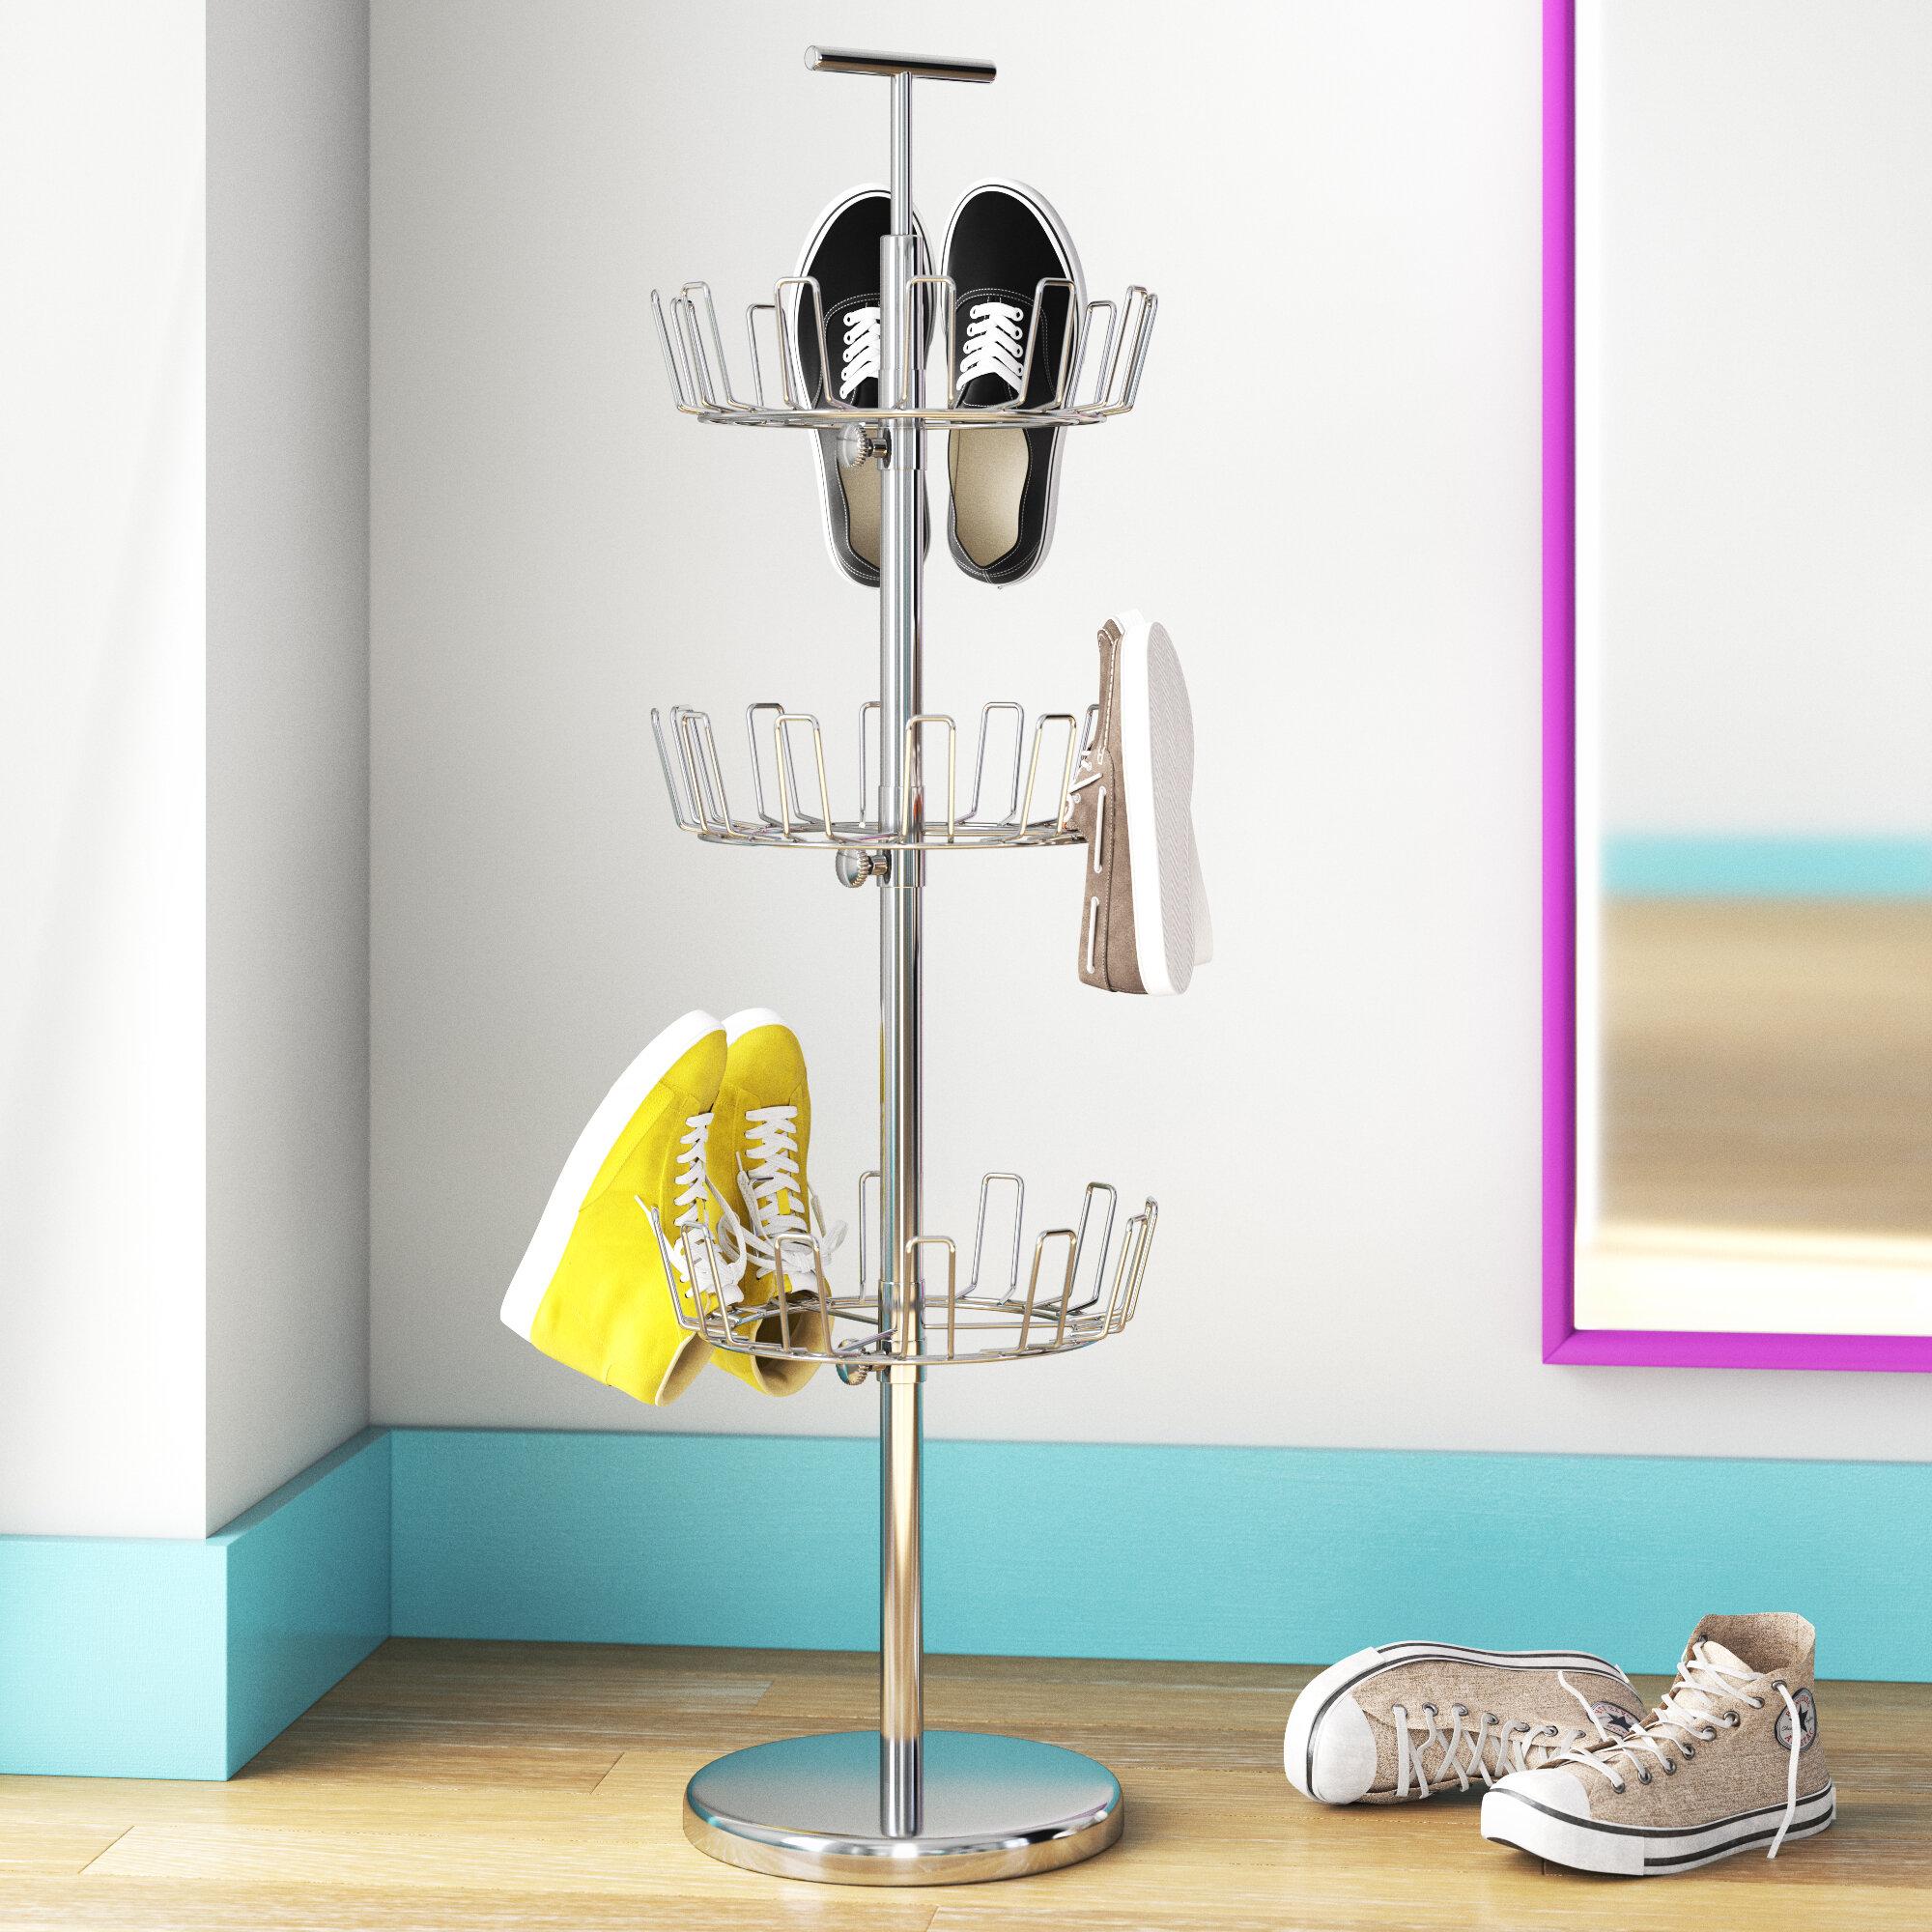 Wayfair Basics 18 Pair Shoe Rack Reviews Wayfair